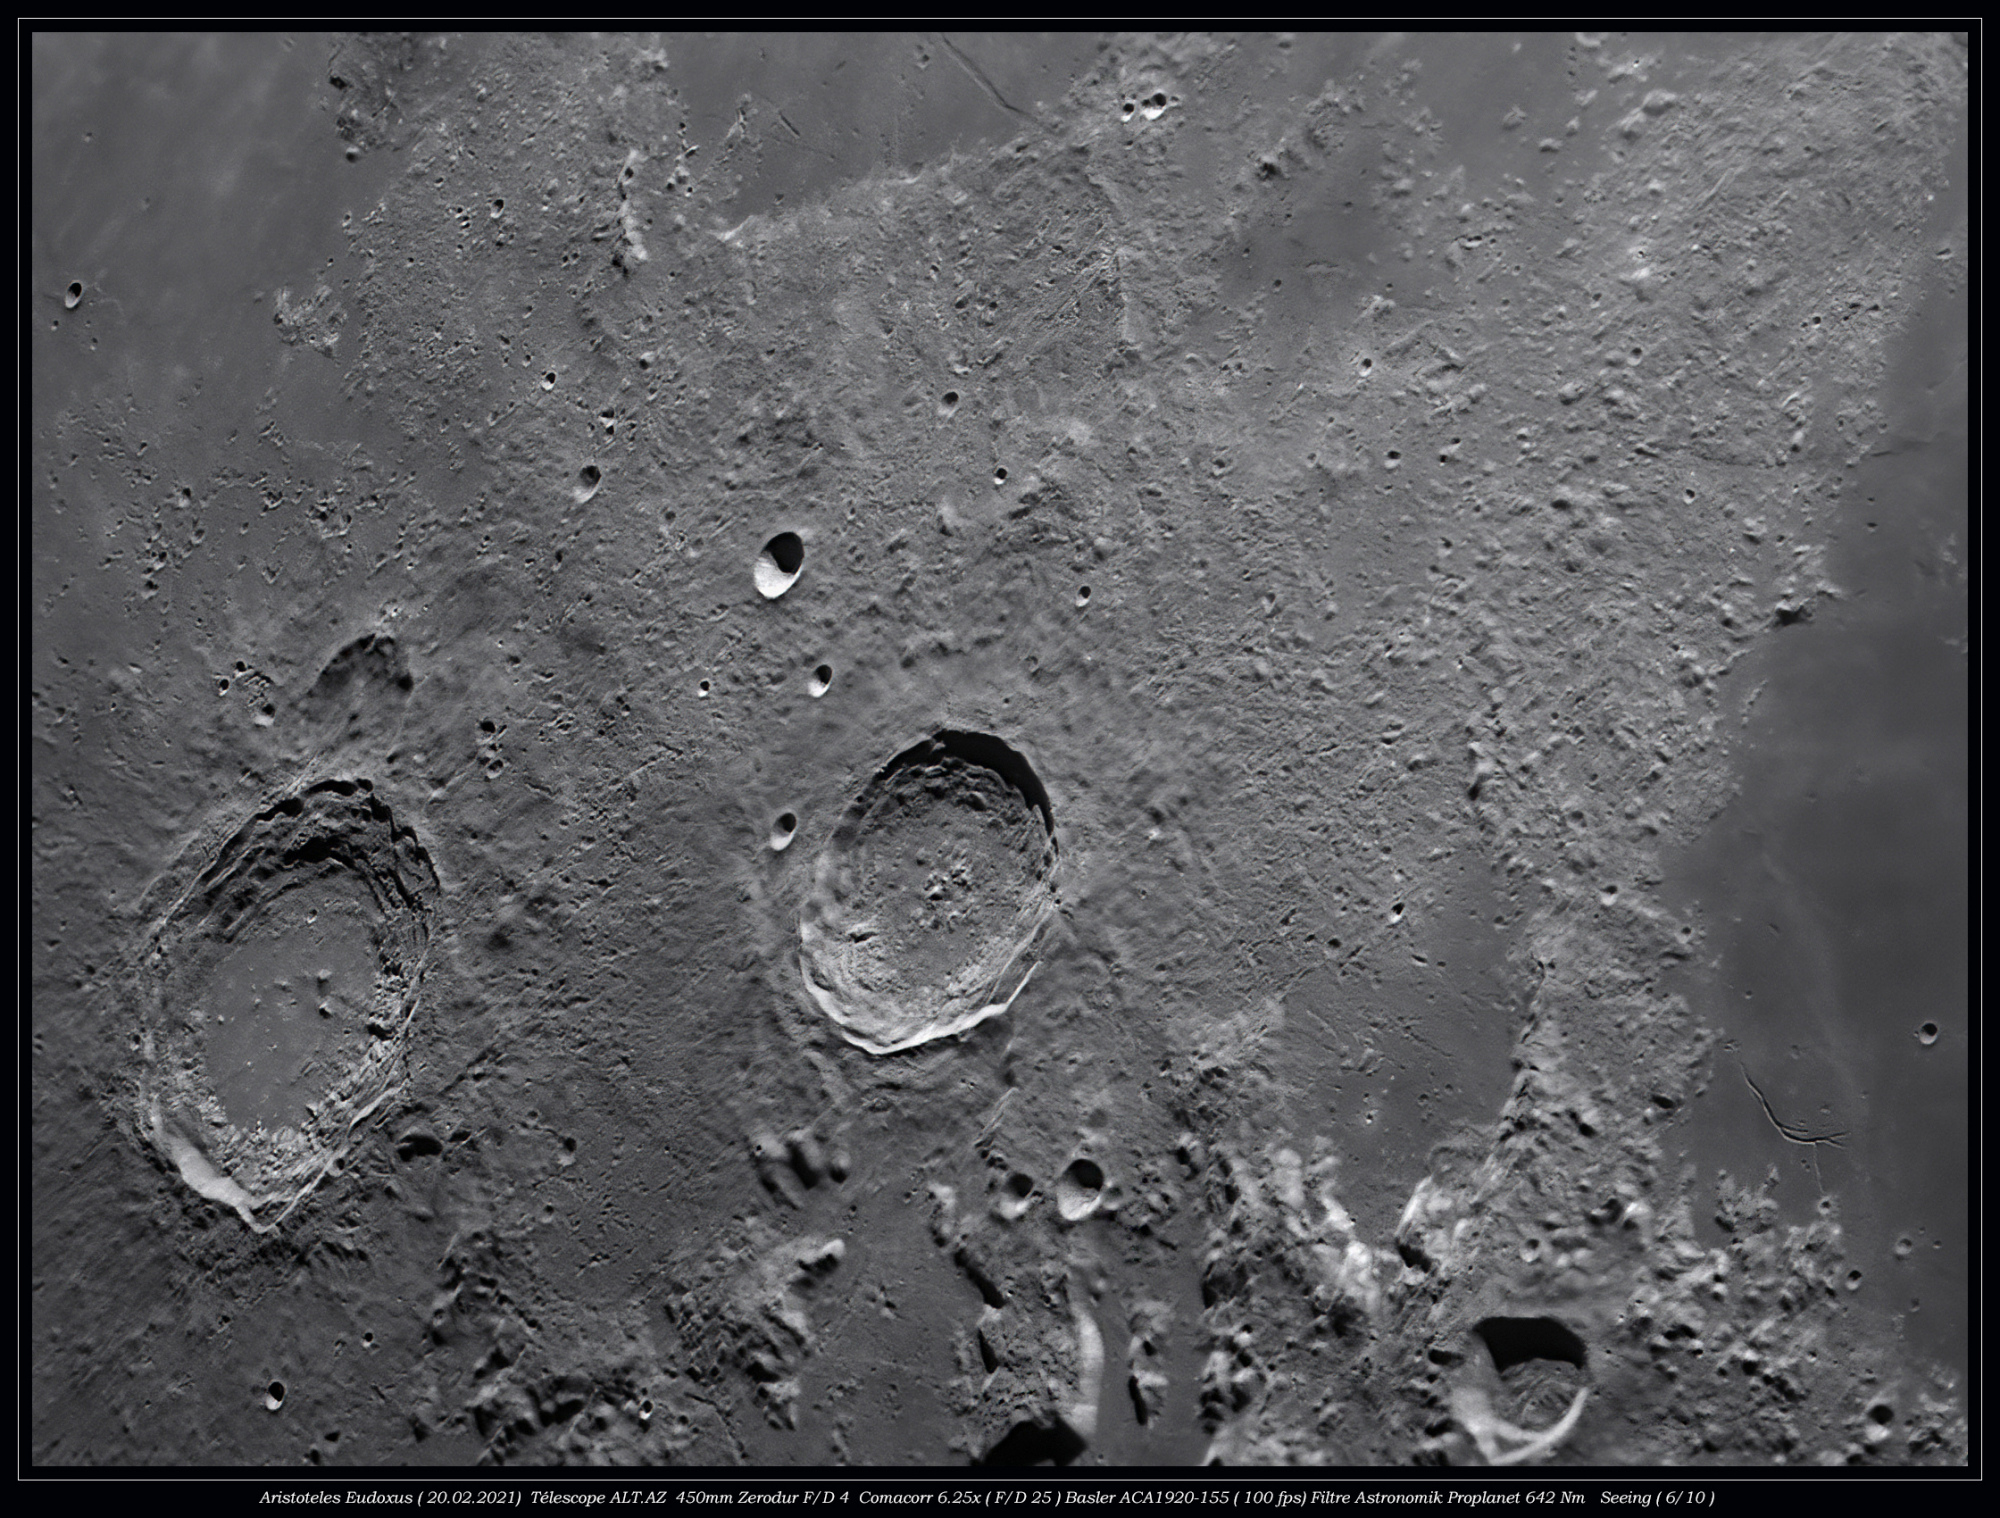 Aristoteles Eudoxus ( 20.02.2021)AAA.jpg